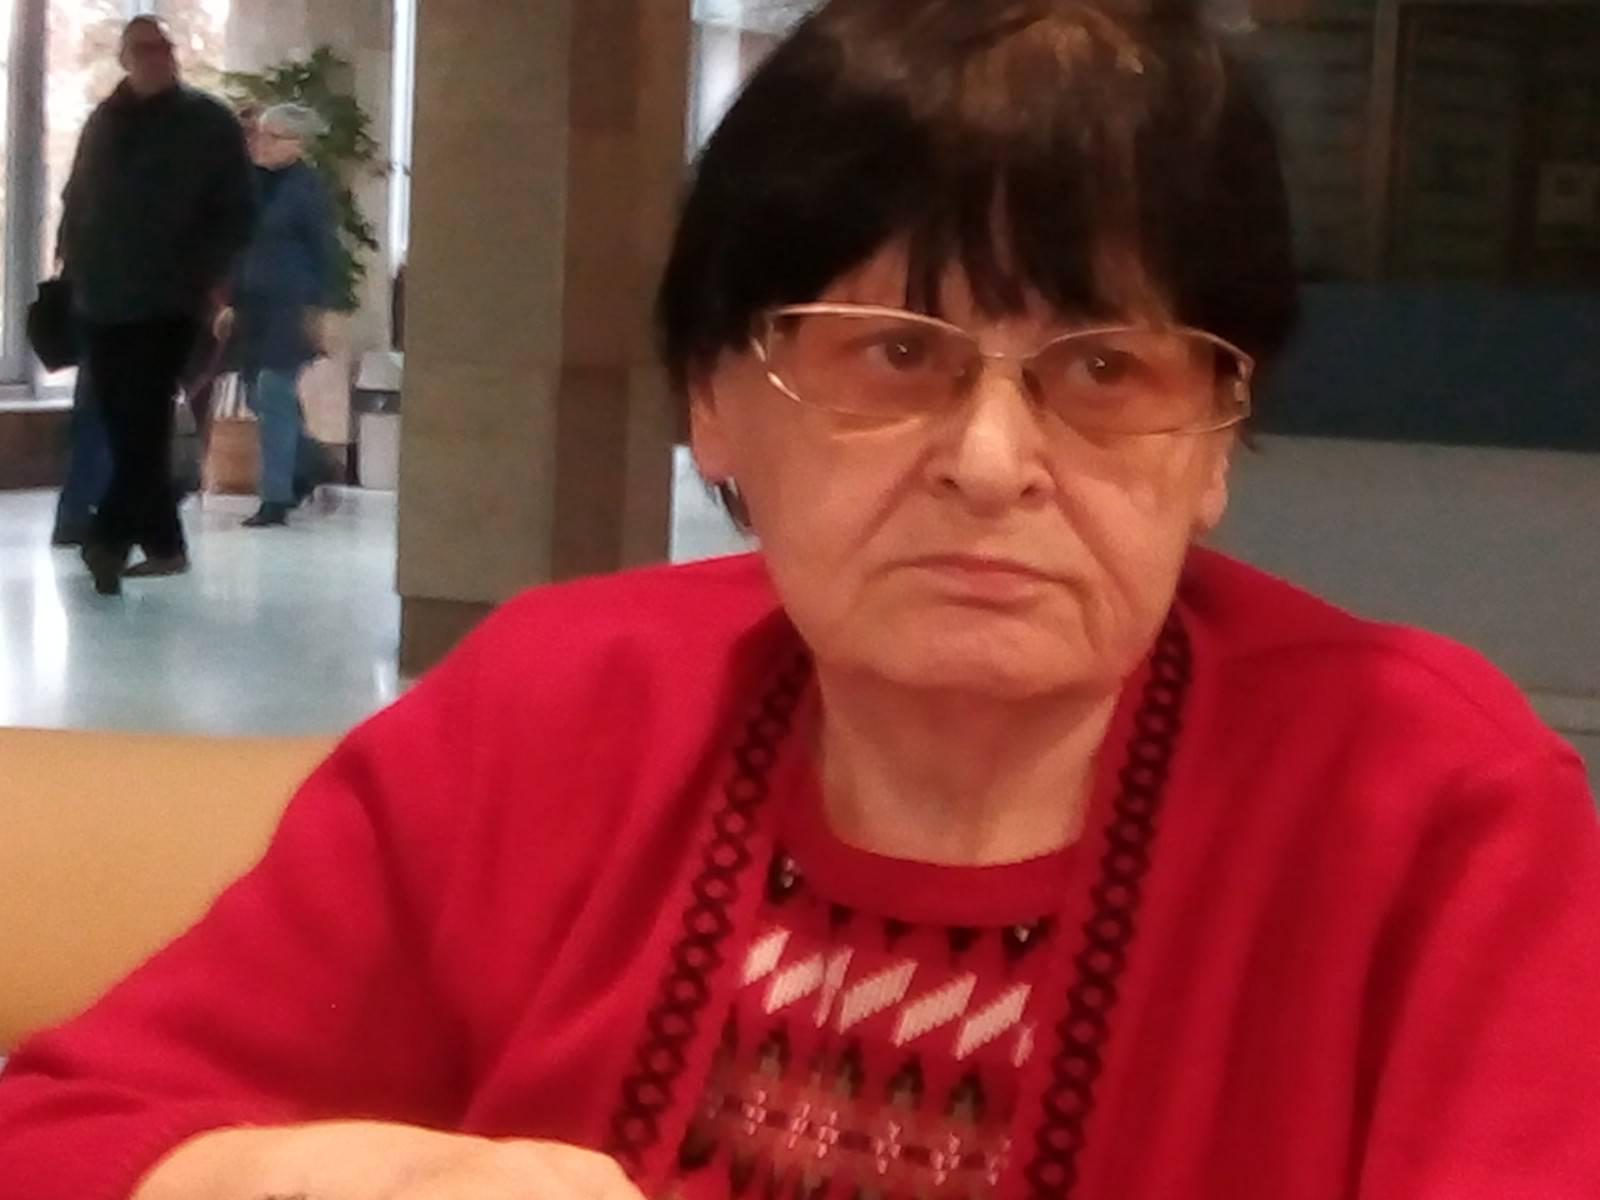 Moja Mama Renata Bracka zamyślona izasmucona brakiem iodmową leczenia onkologicznego poudanej operacji 2020 rok – foto Tomasz Roman Bracka